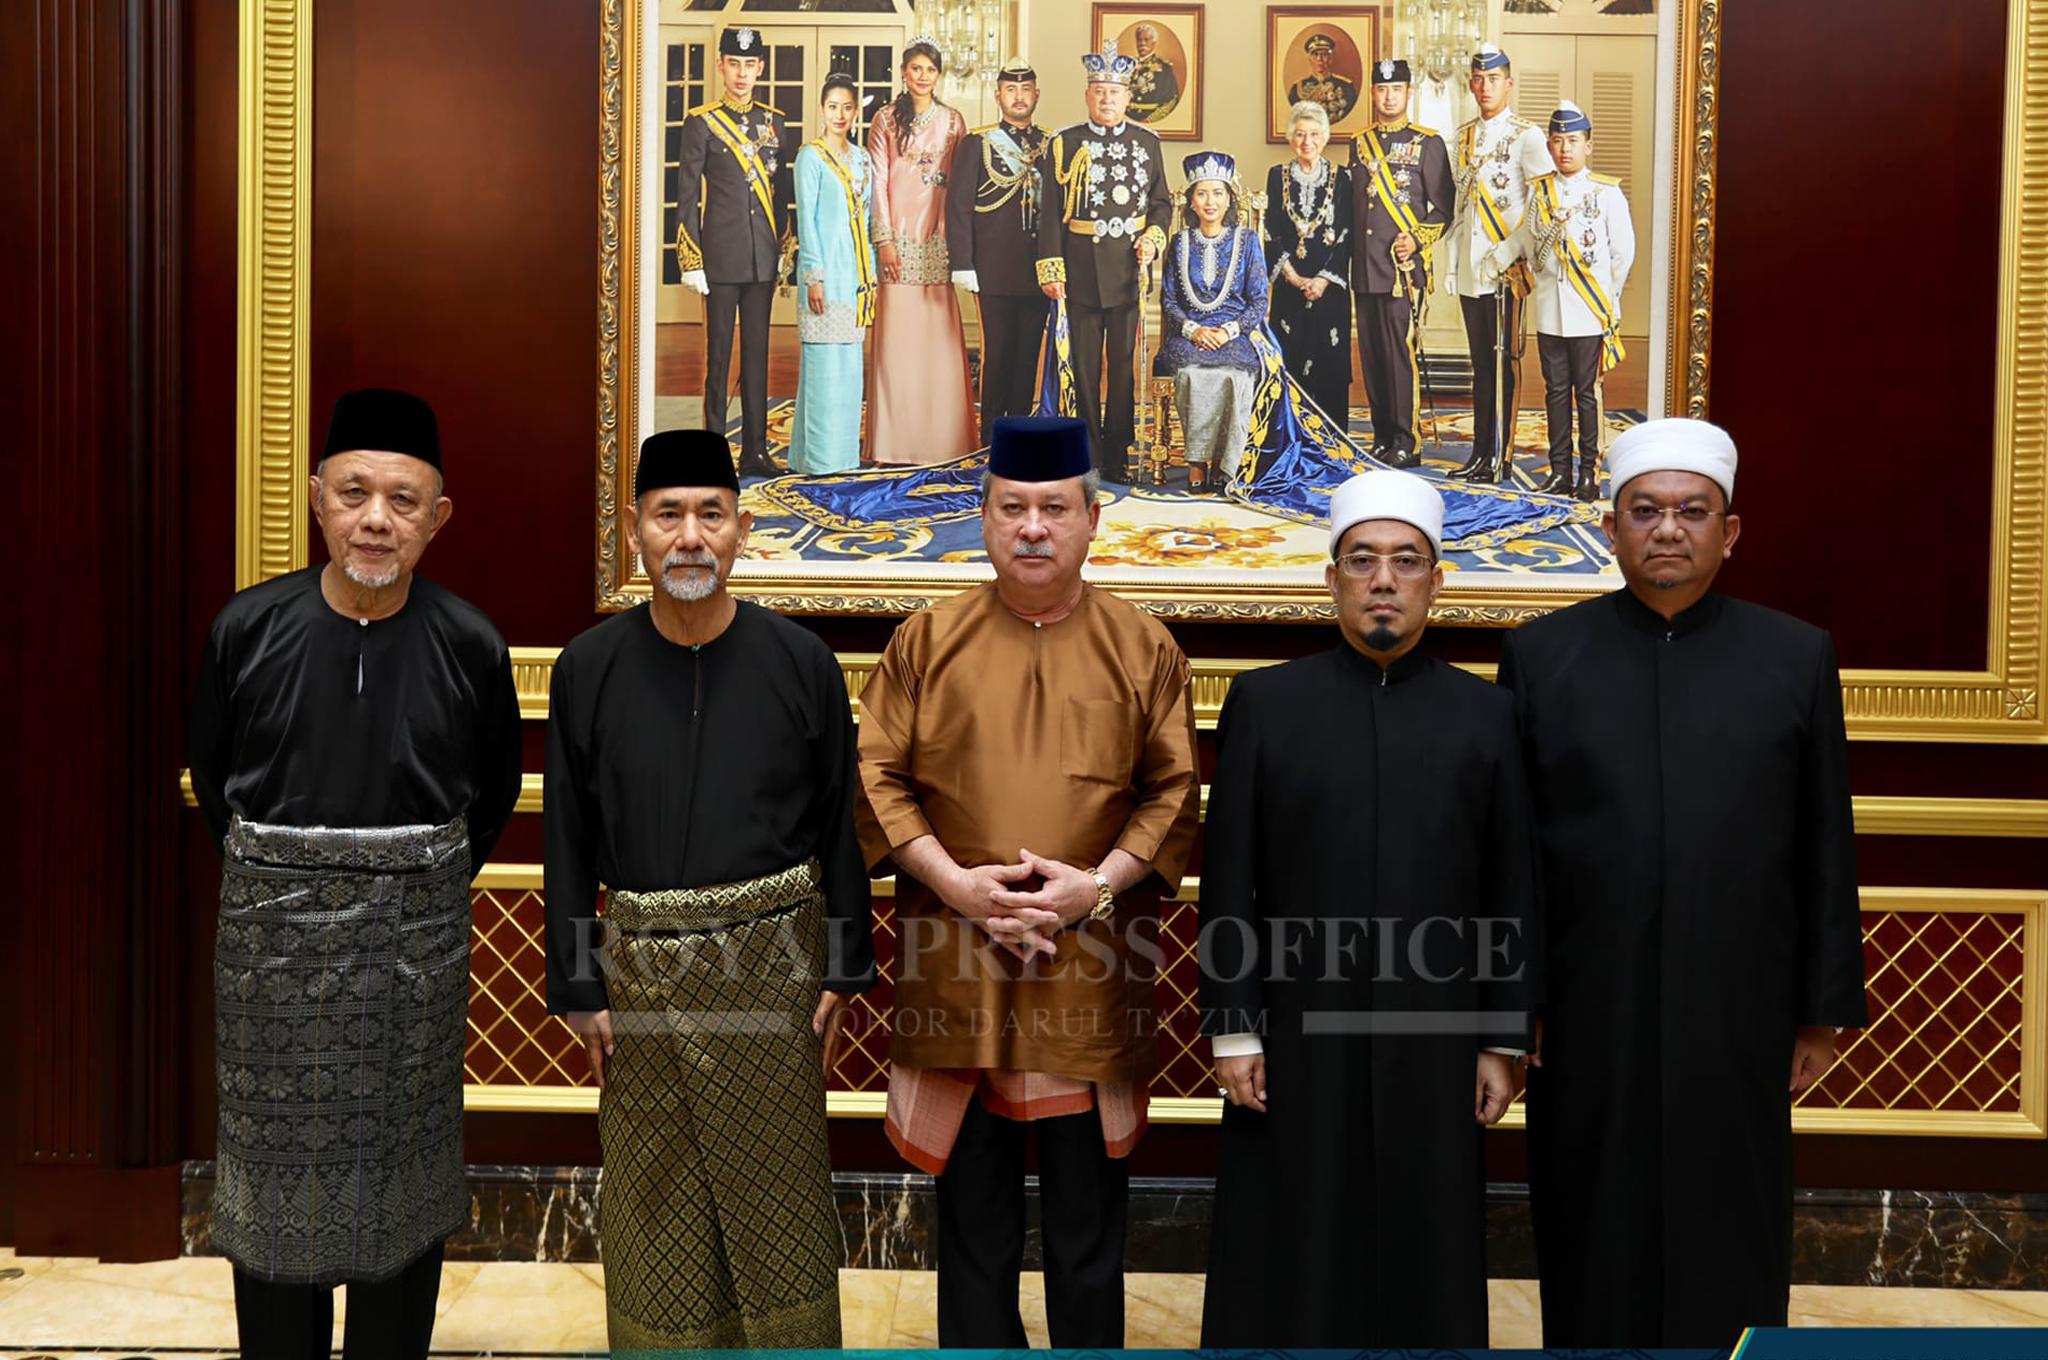 Dato' Haji Yahya Ahmad sebagai Mufti Johor dan Haji Ahmad Faisal Mohamed sebagai Timbalan Mufti Johor yang baharu pada 13 November 2018